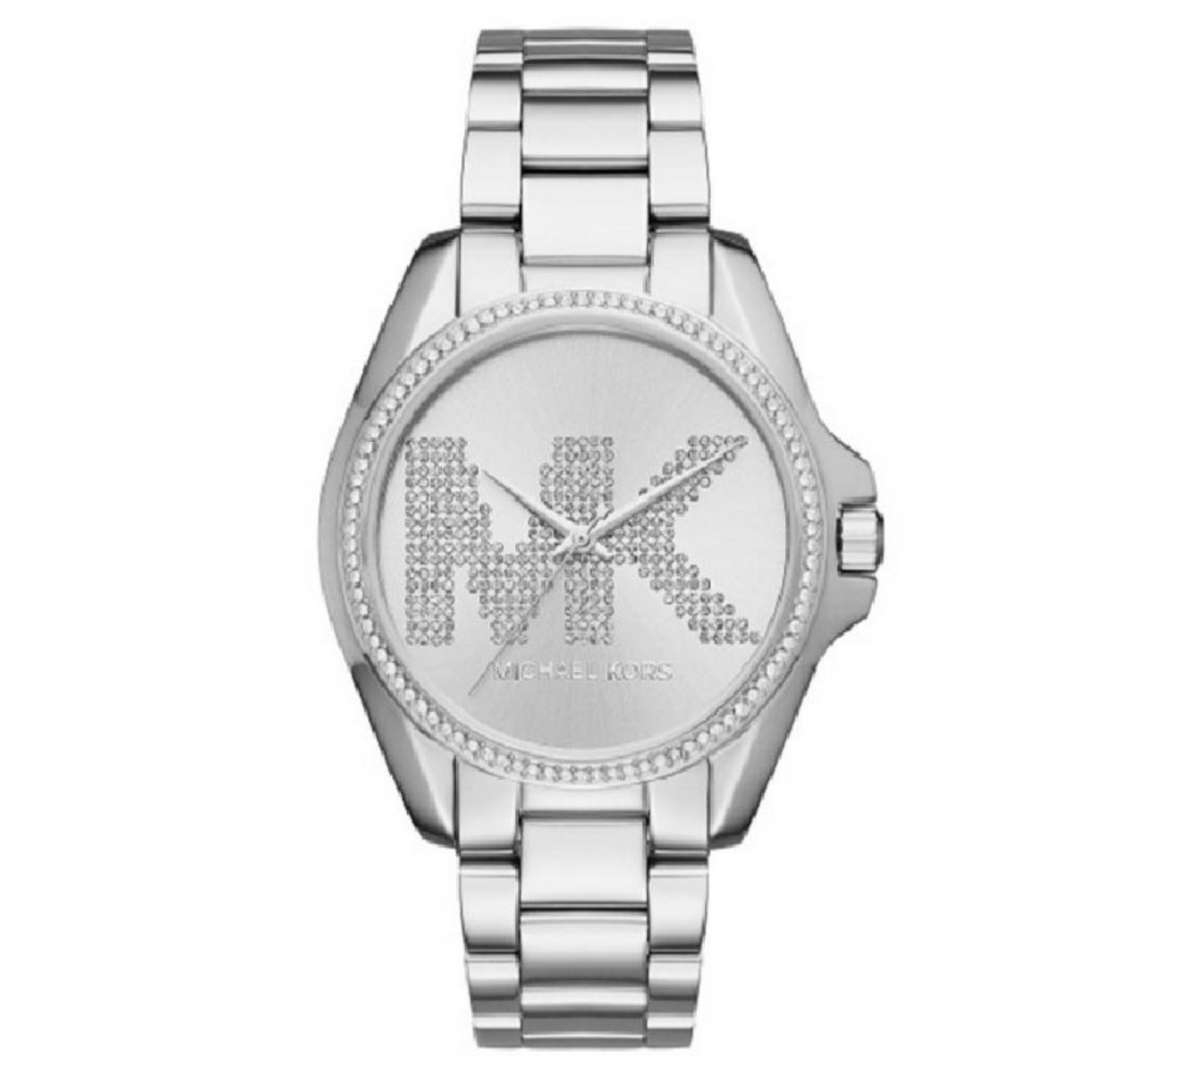 שעון יד אנלוגי michael kors mk6554 מייקל קורס